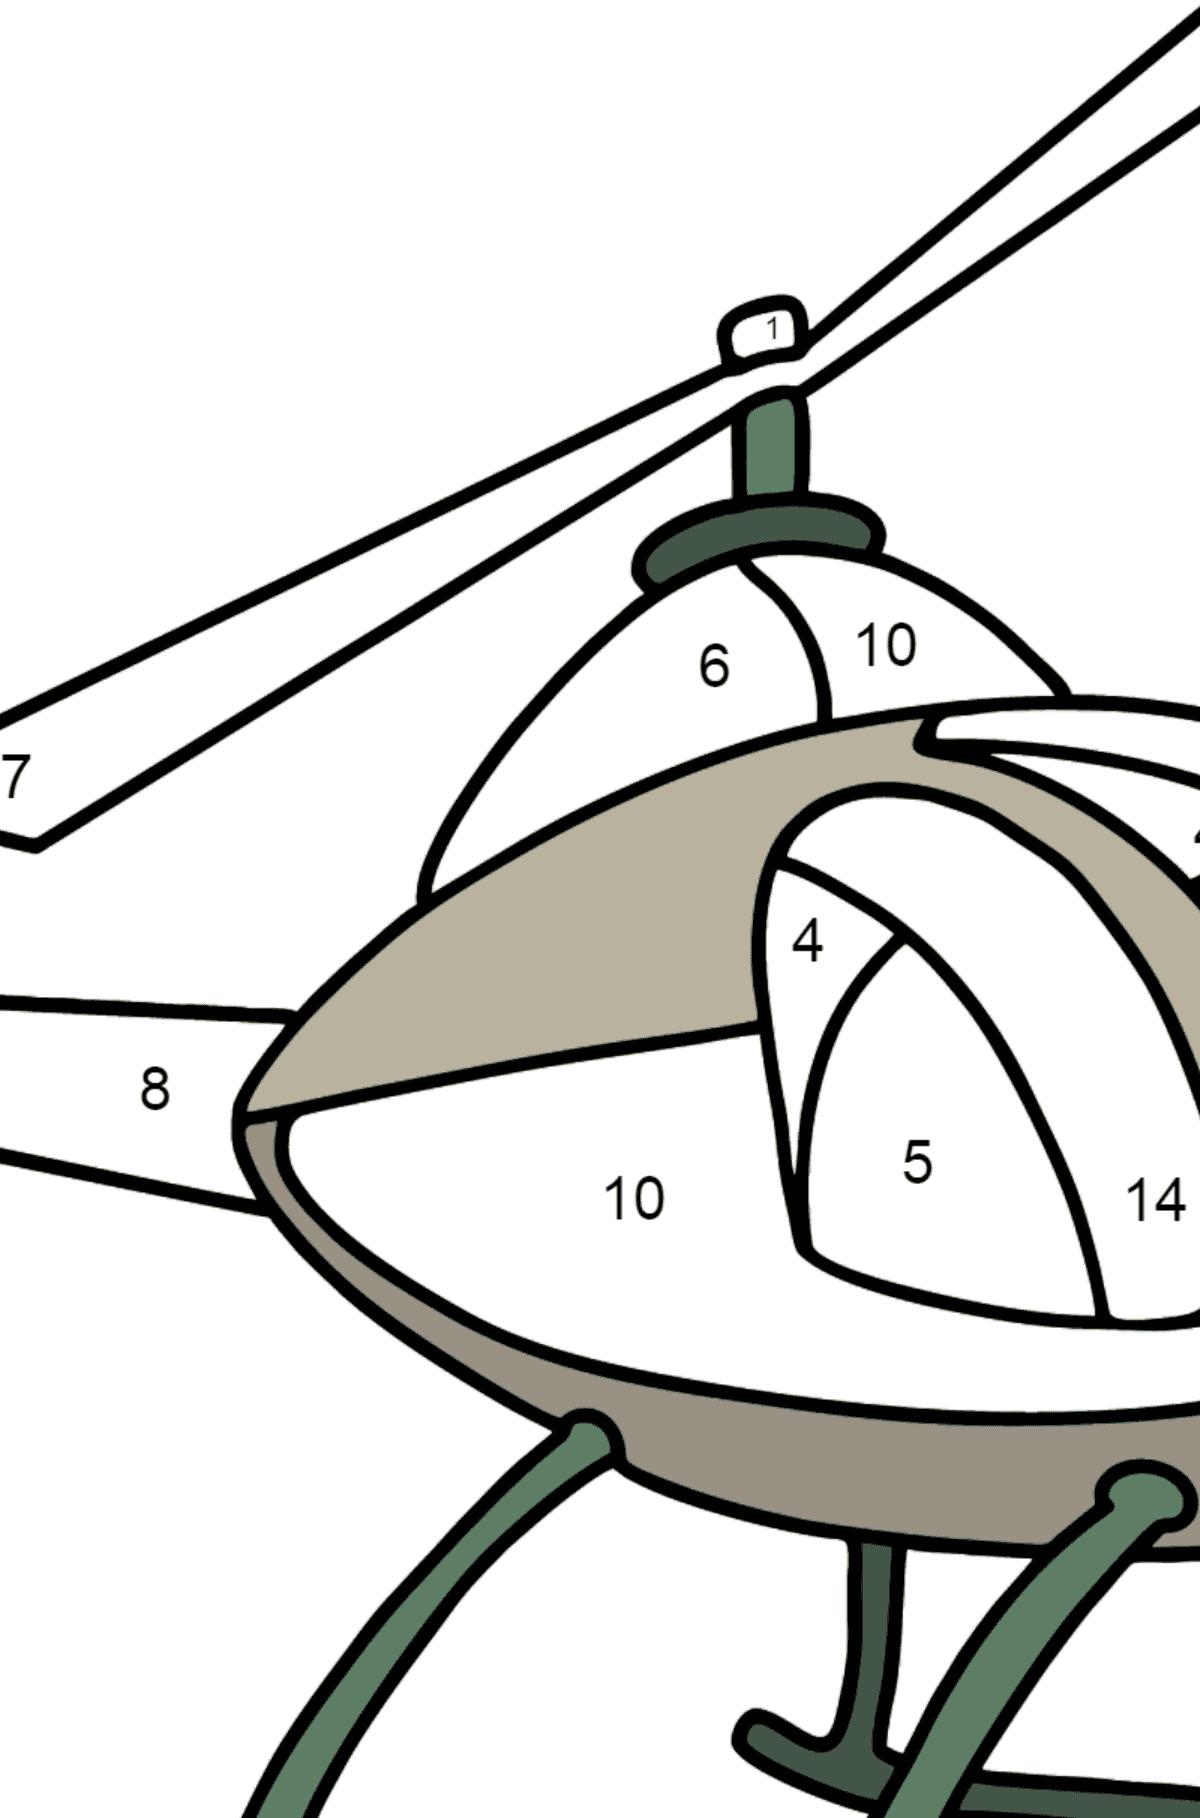 Раскраска вертолет для детей - Раскраска по Номерам для Детей